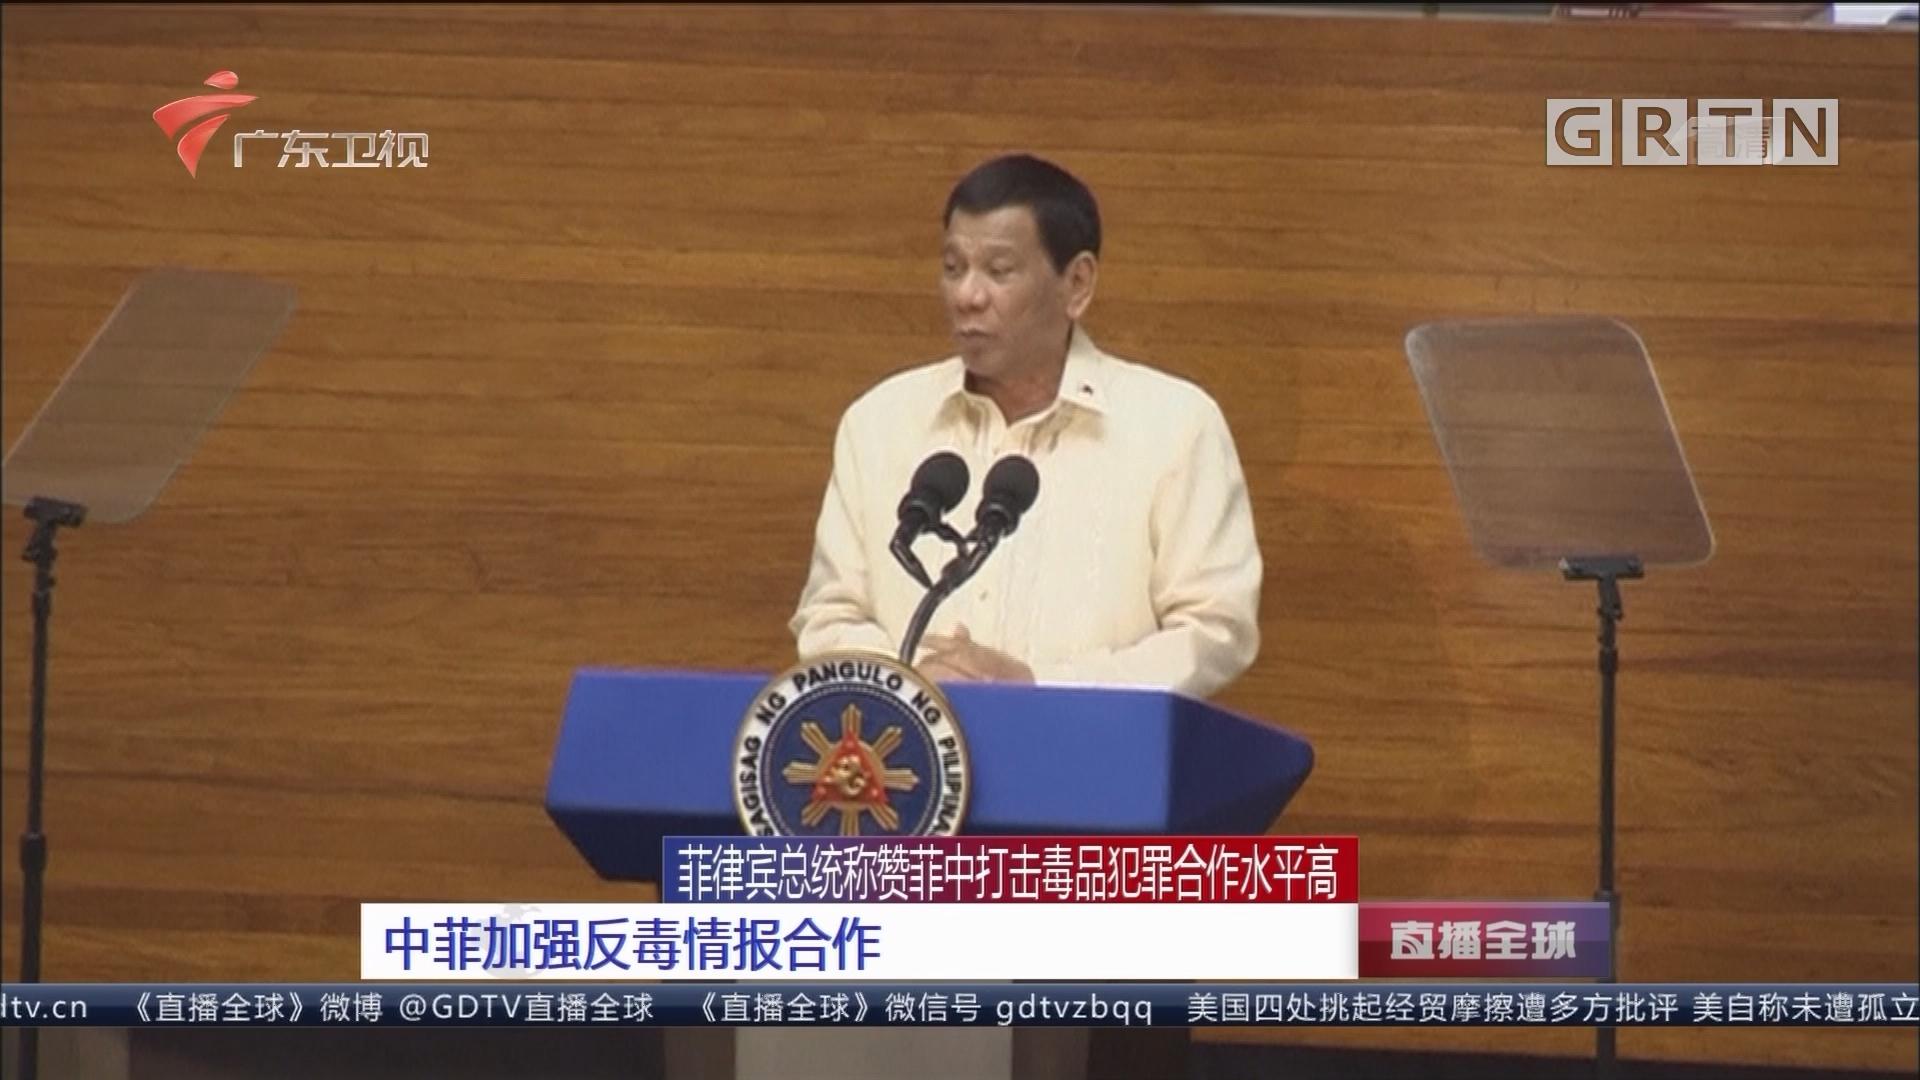 菲律宾总统称赞菲中打击毒品犯罪合作水平高:中菲加强反毒情报合作